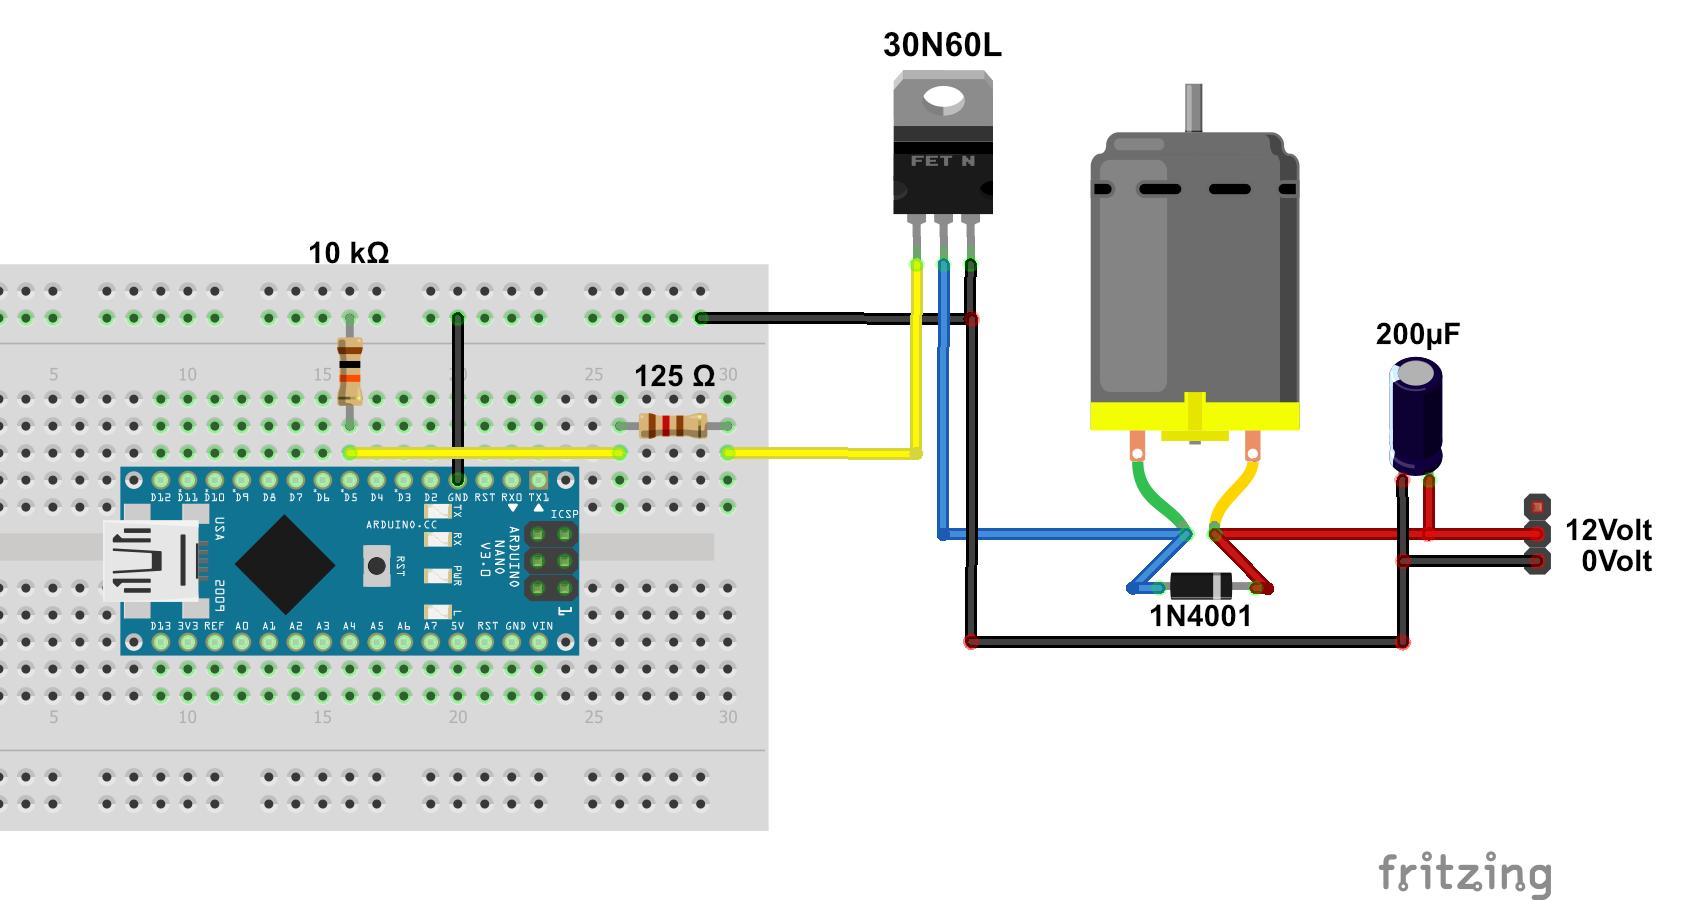 Schön Einfache Elektronikprojekte Schaltungen Ideen - Elektrische ...